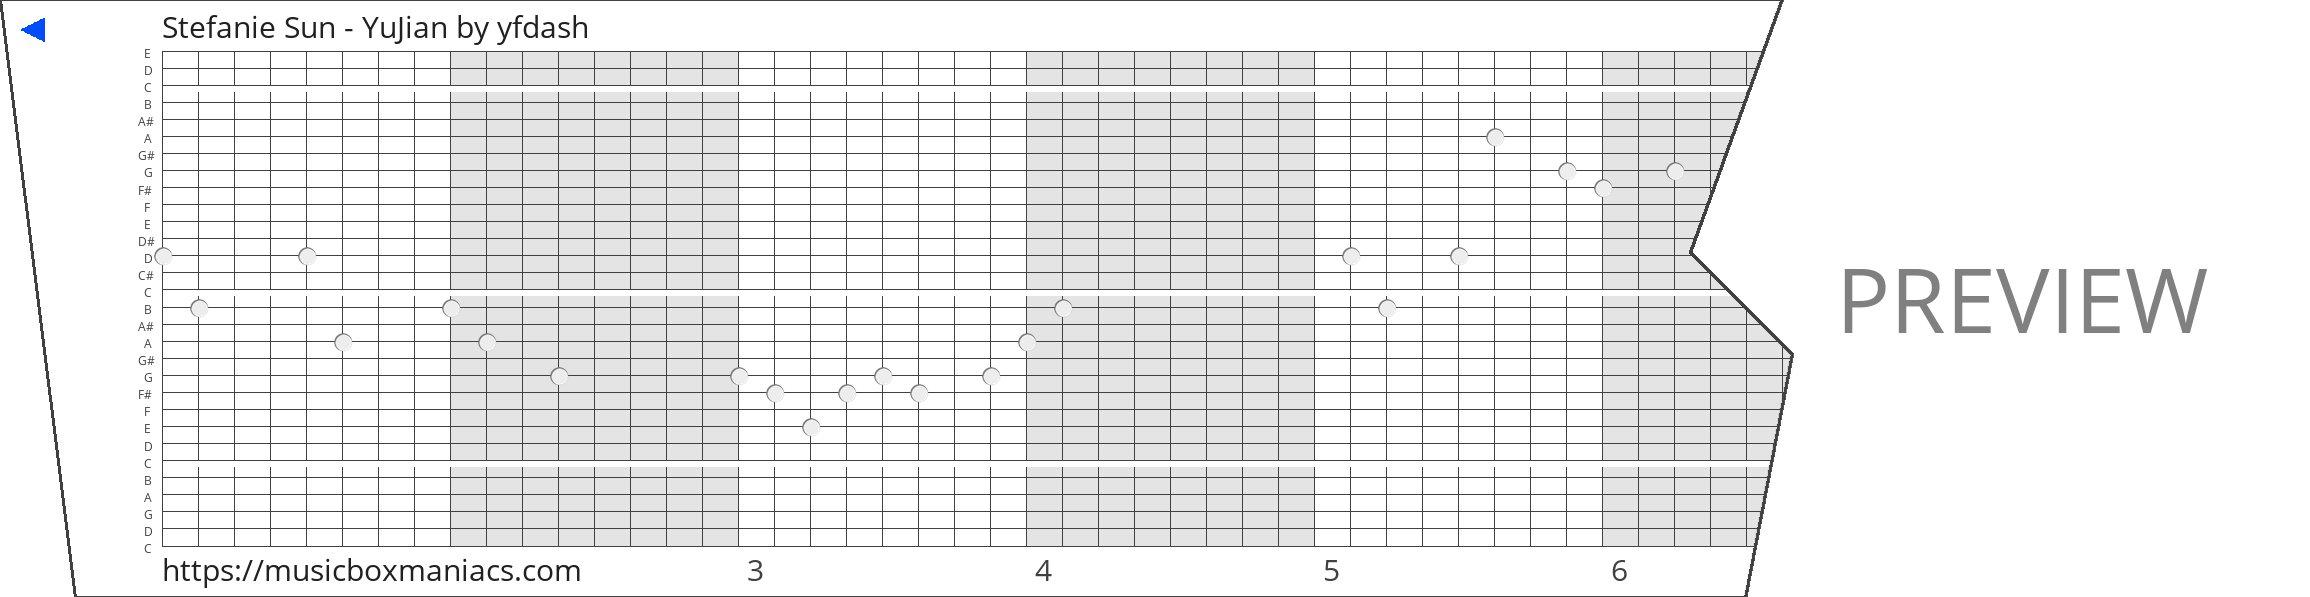 Stefanie Sun - YuJian 30 note music box paper strip